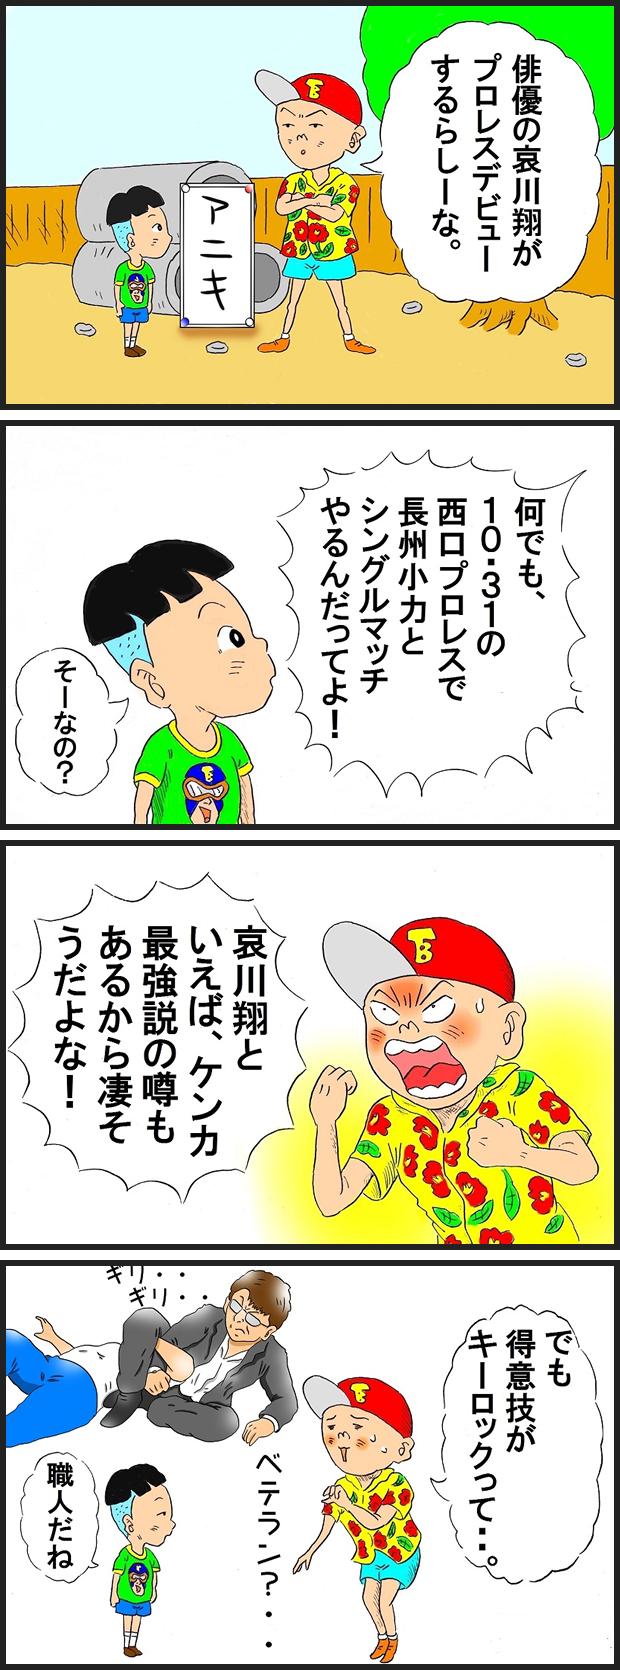 509 哀川翔プロレスデビュー